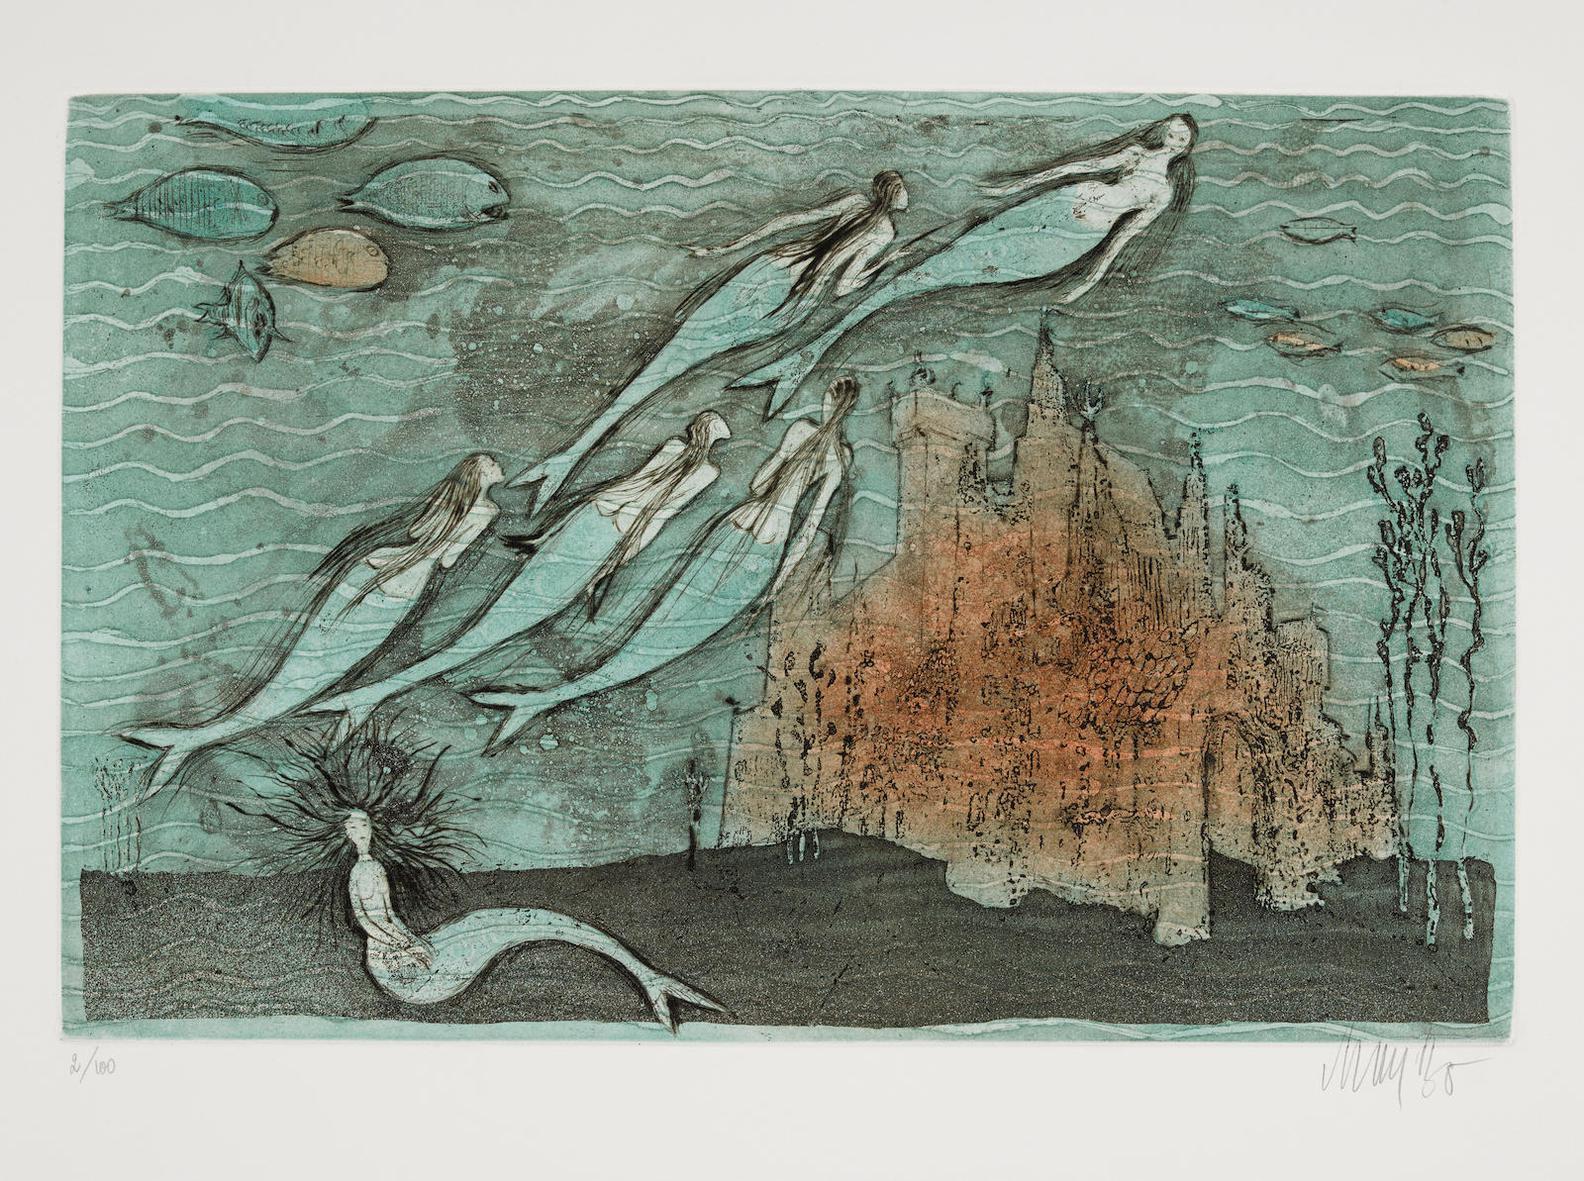 Lars Bo - La Sirene (The Little Mermaid)-1977